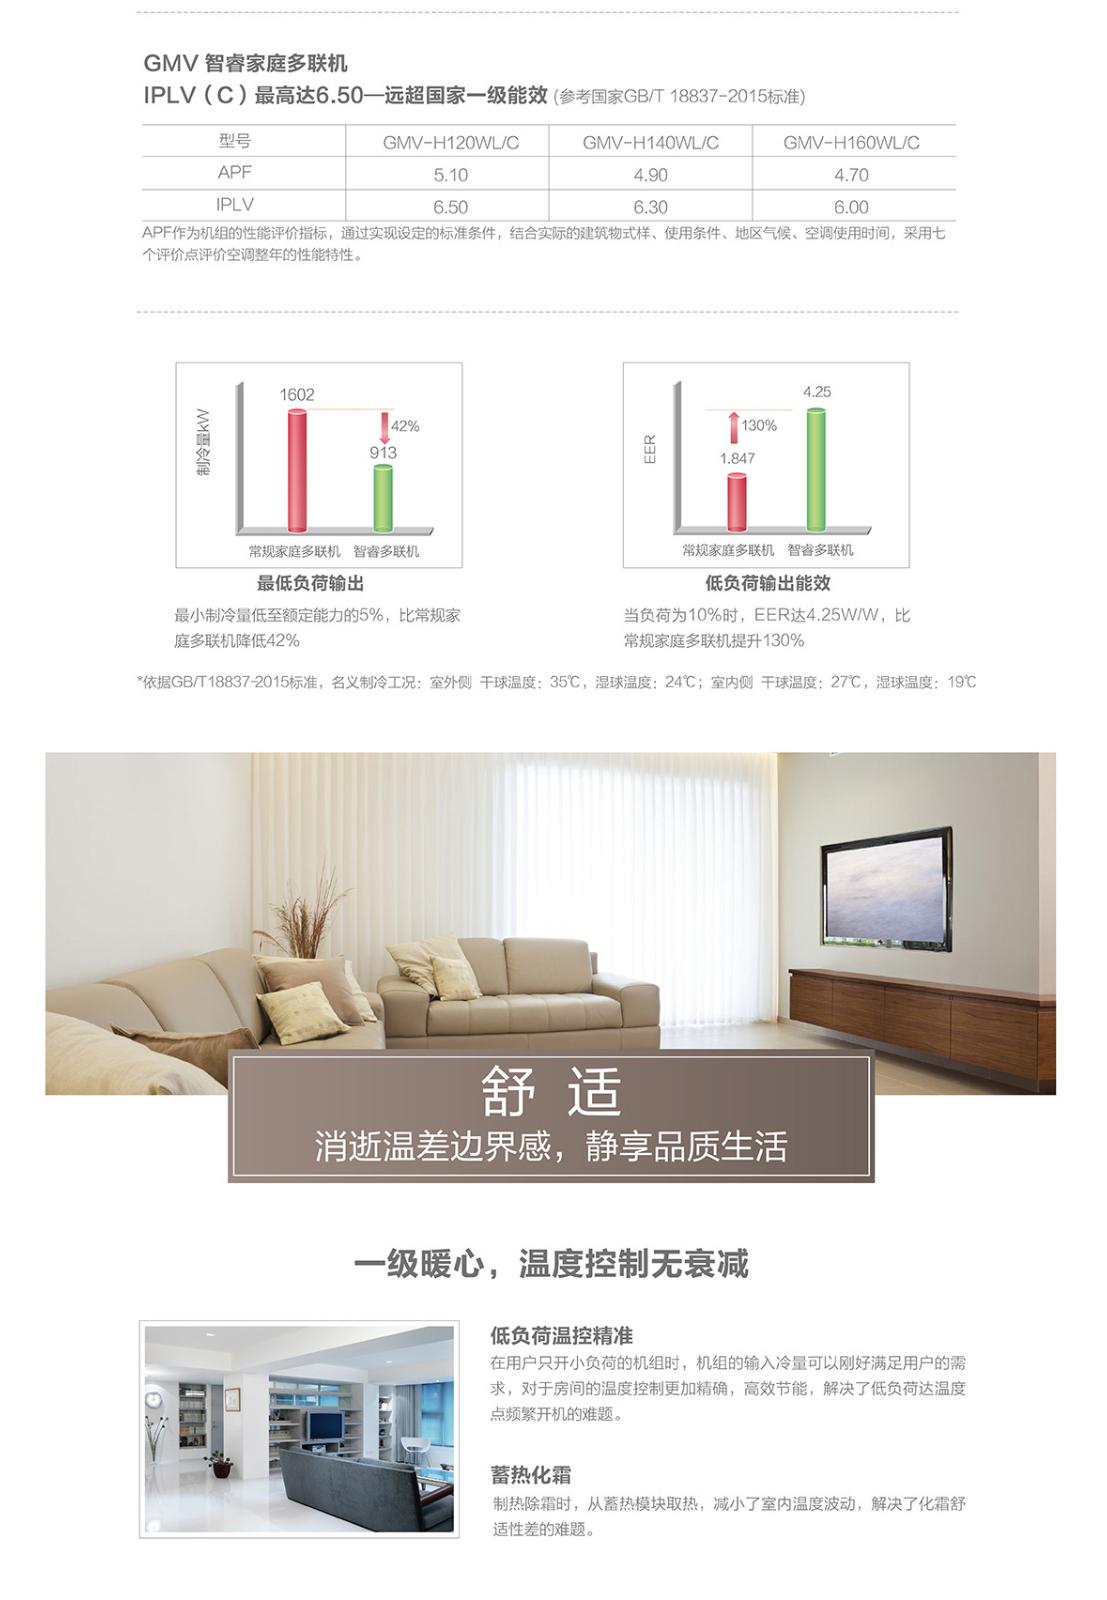 华天GMV智睿变频变容家庭中央空调